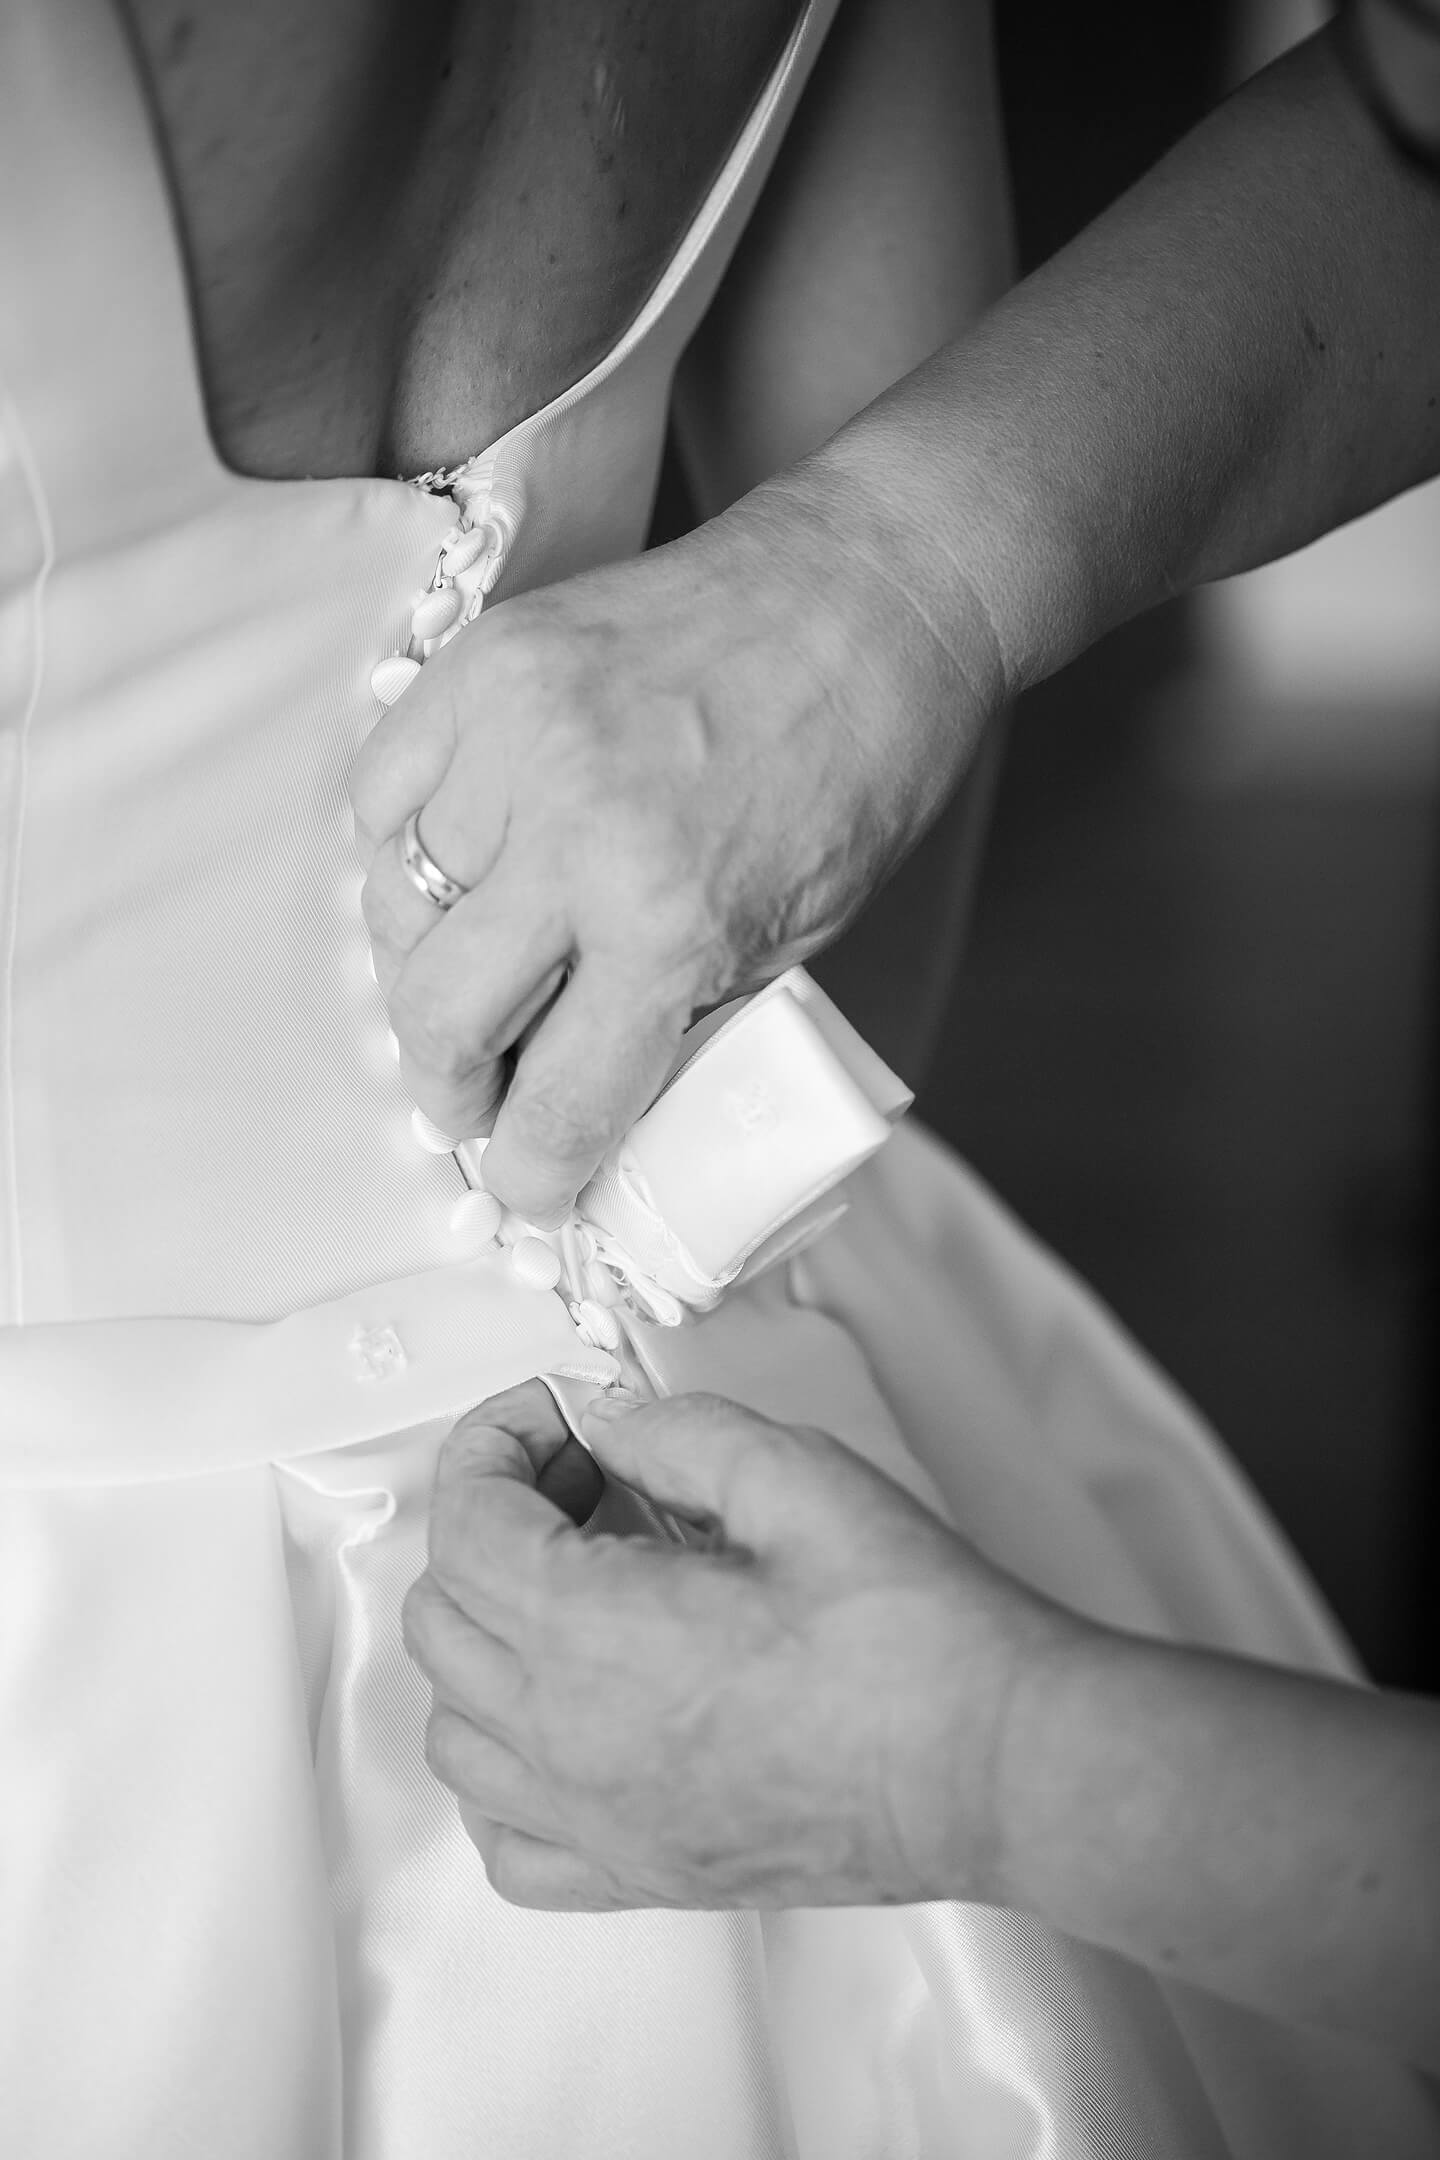 Detailfoto vom Schnueren des Brautkleids